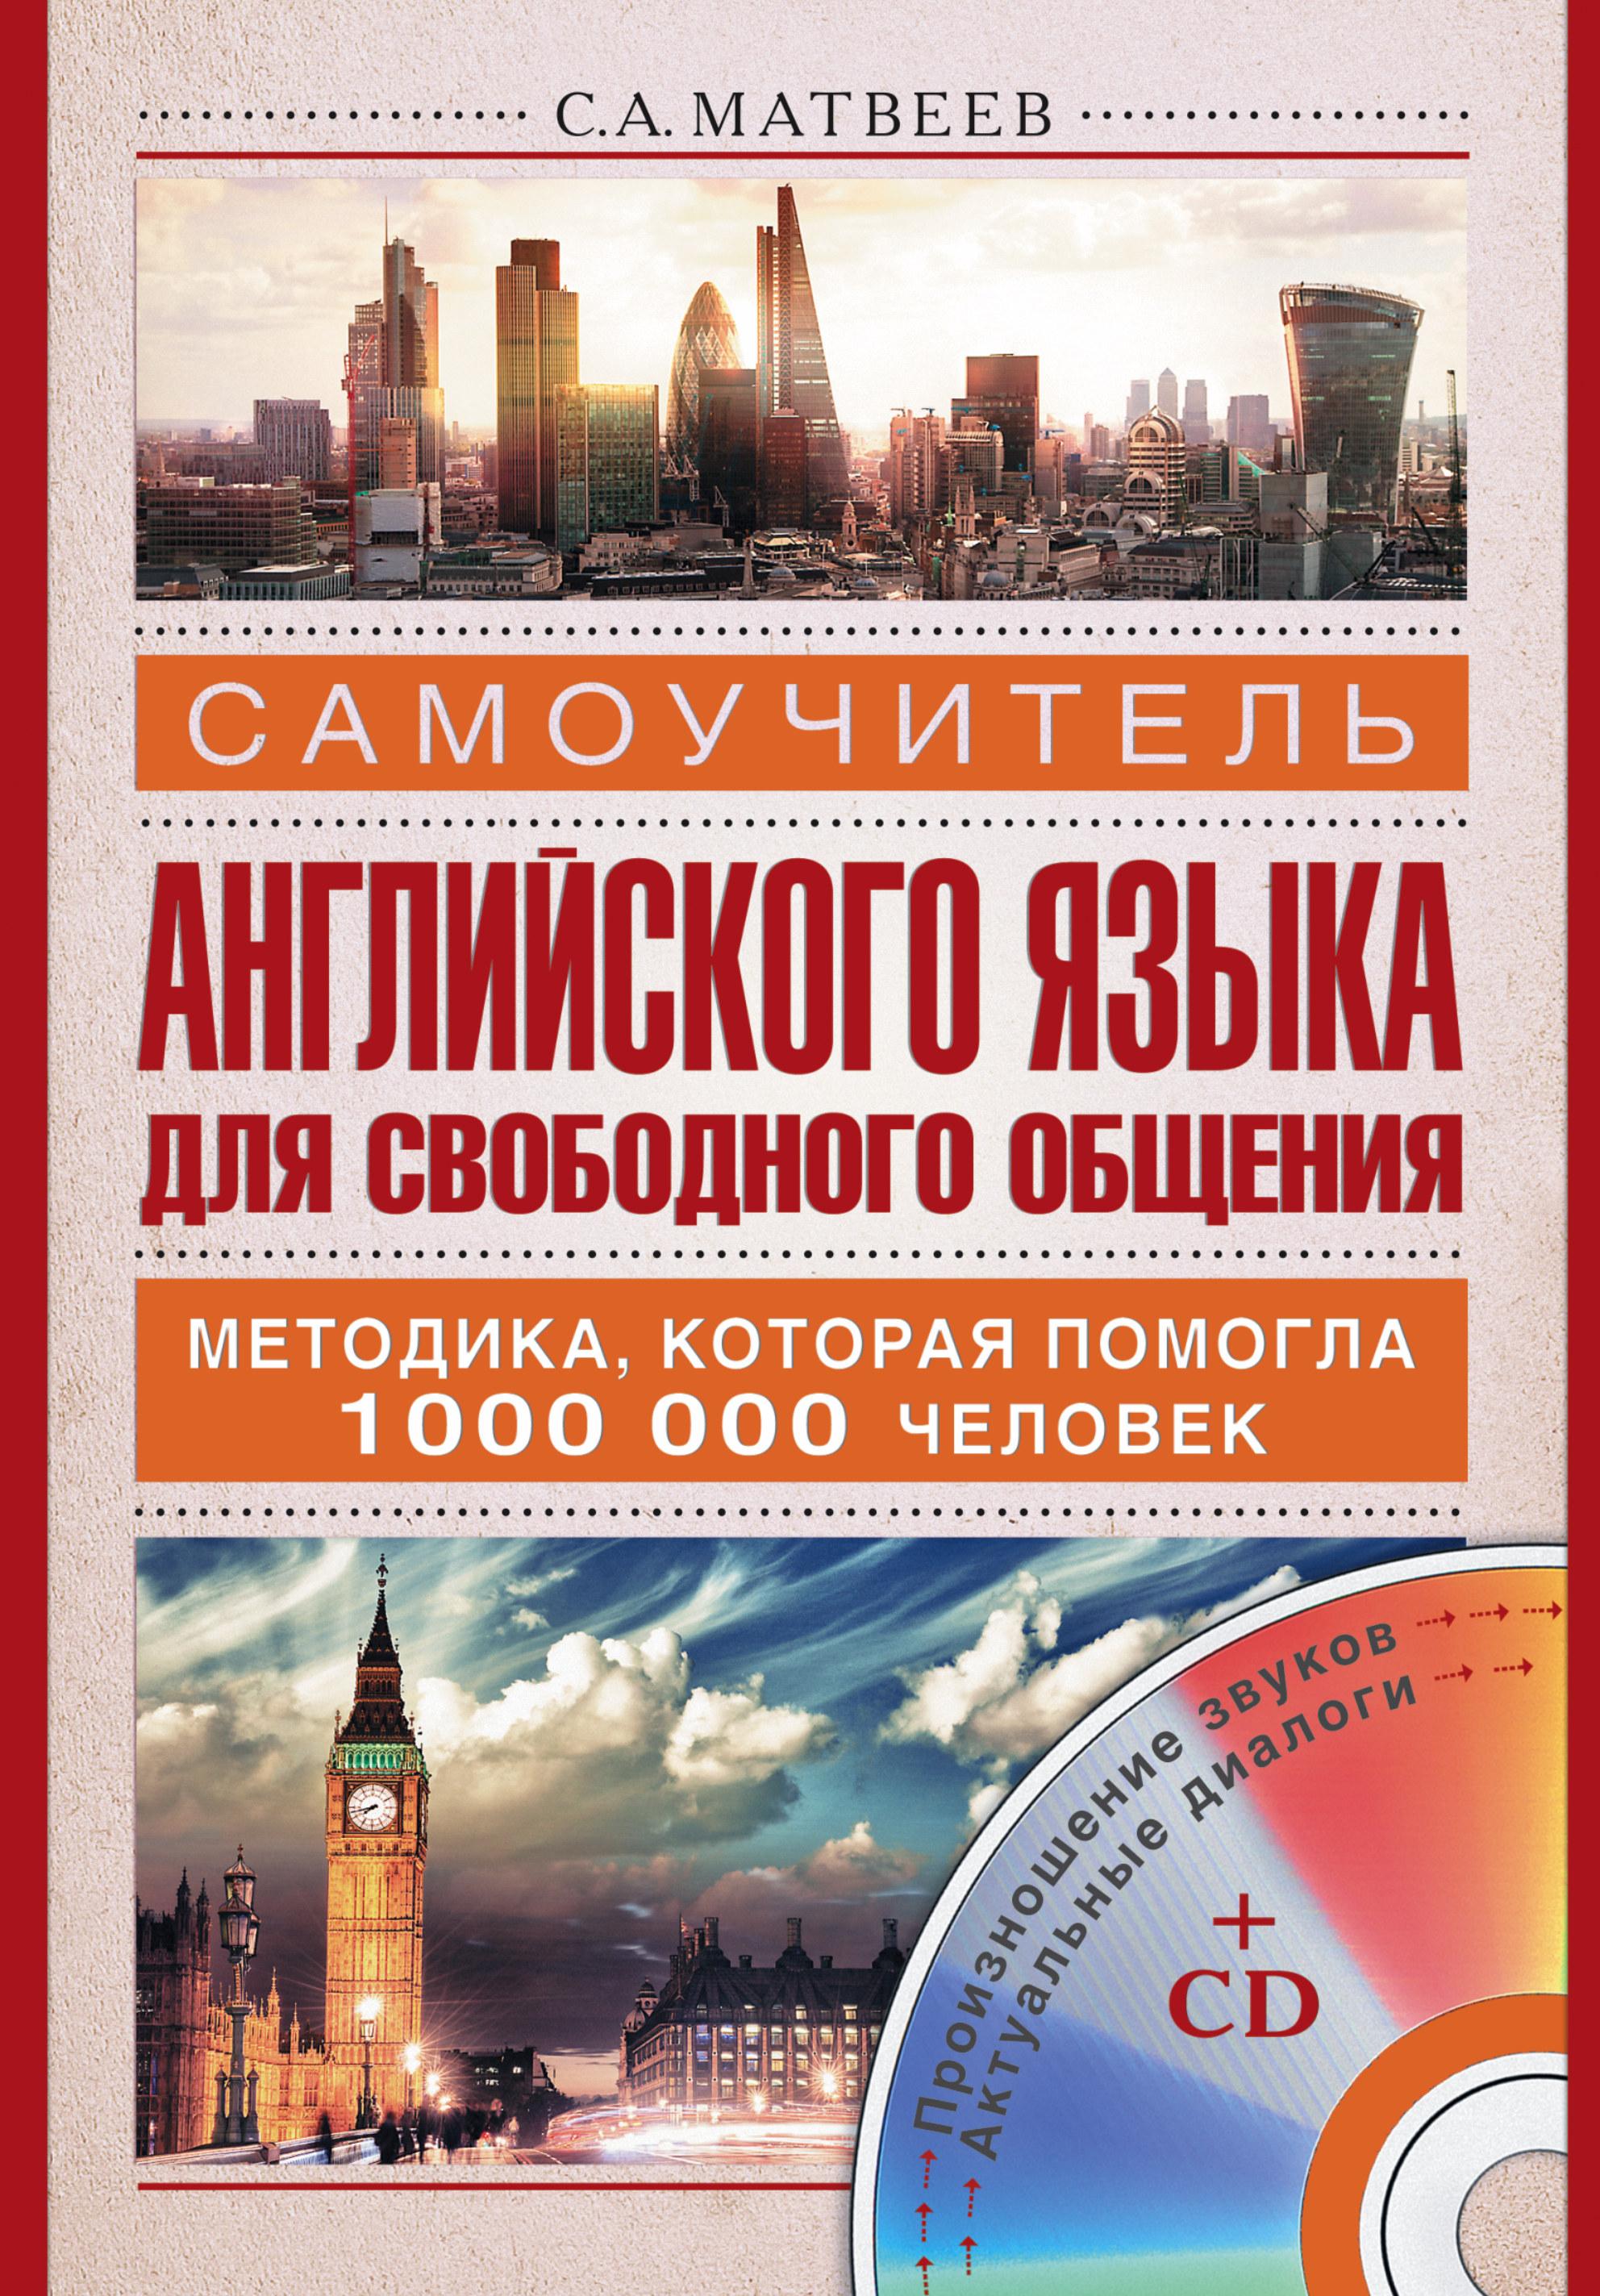 С.А. Матвеев Самоучитель английского языка для свободного общения + CD эксмо с английским за границу cd